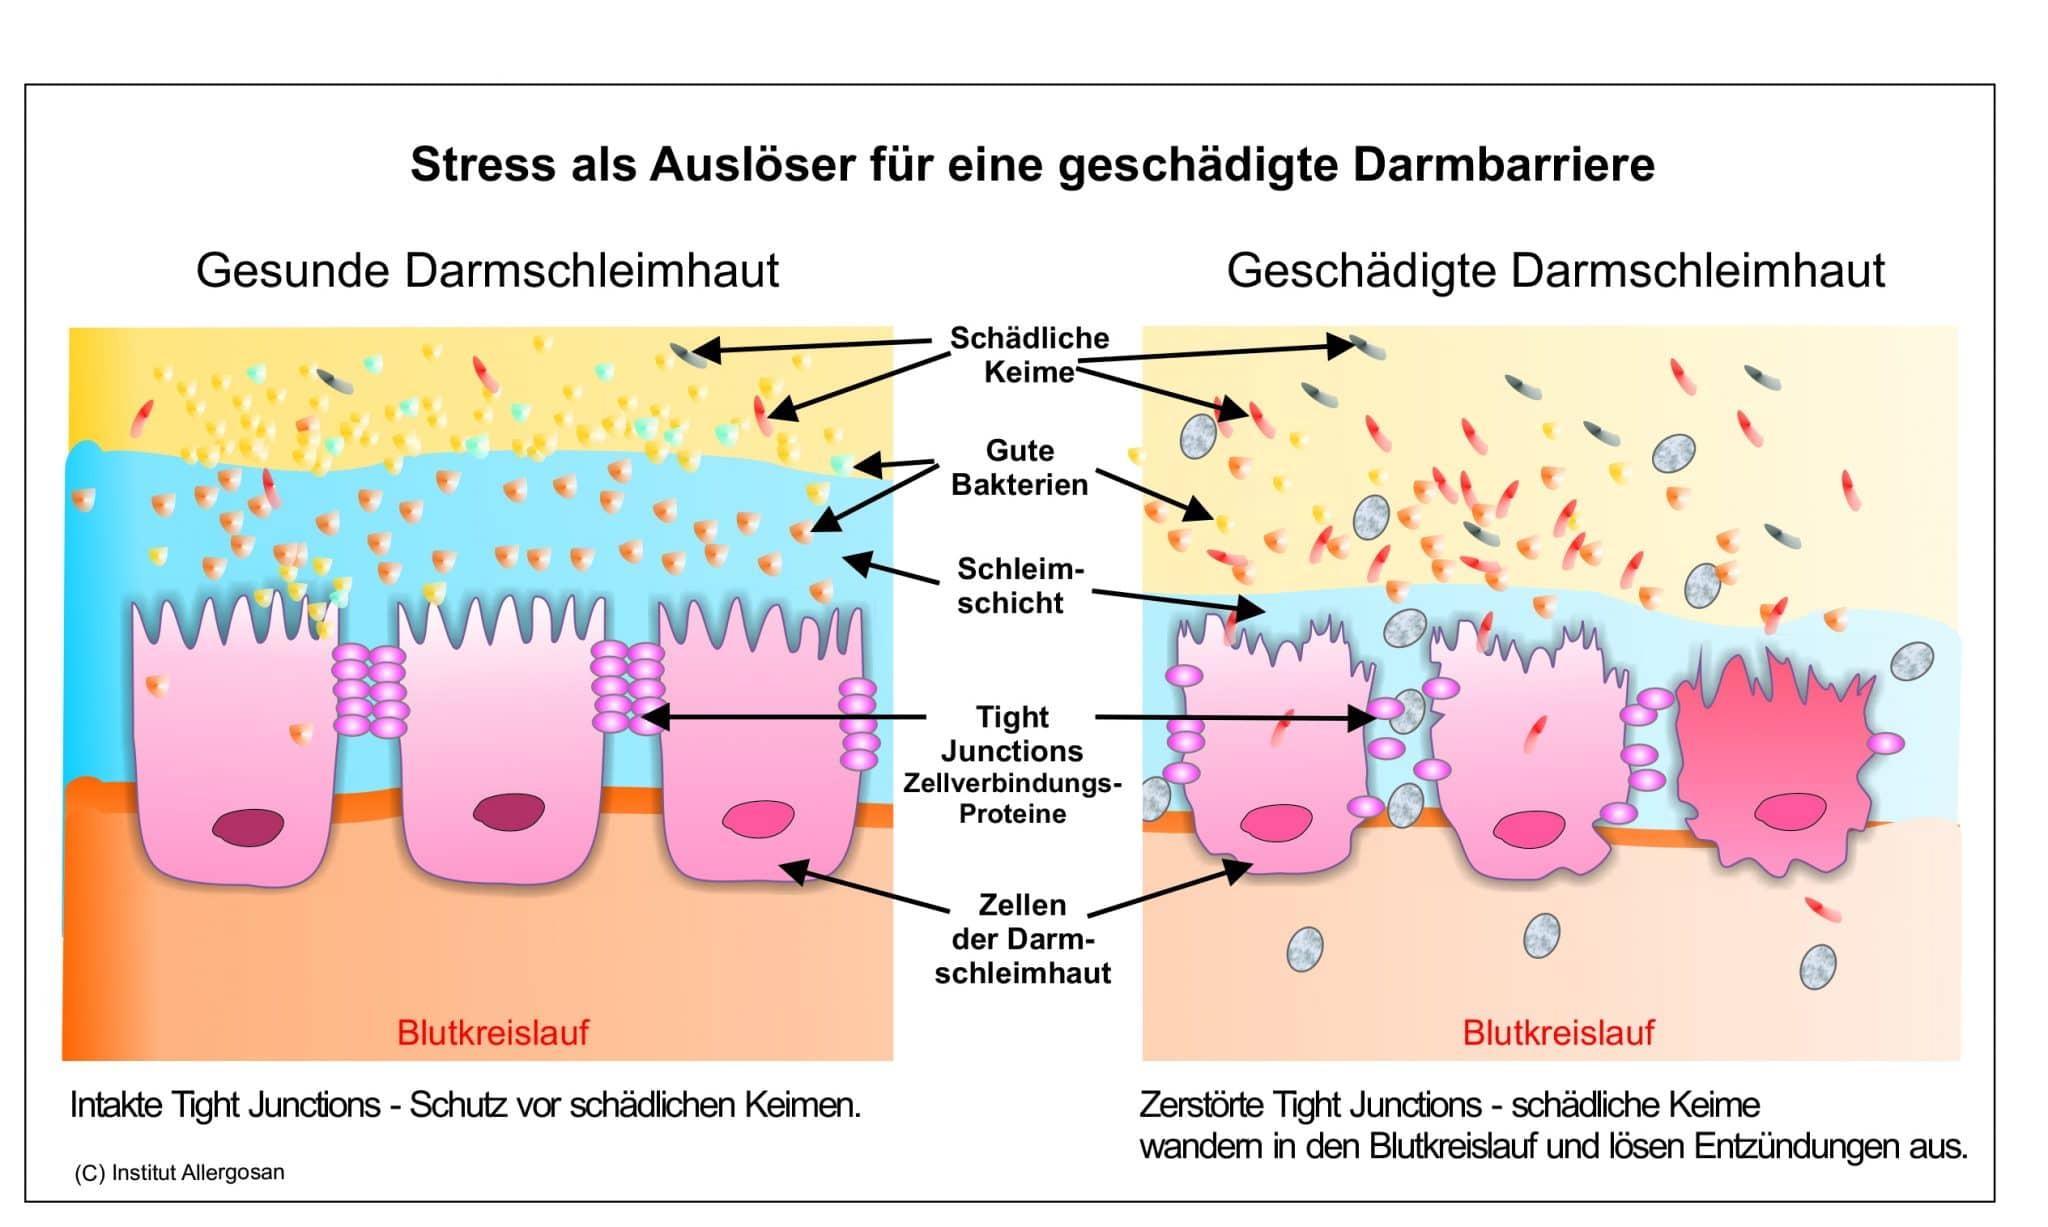 Leaky Gut - Stress als Auslöser für eine geschädigte Darmbarriere